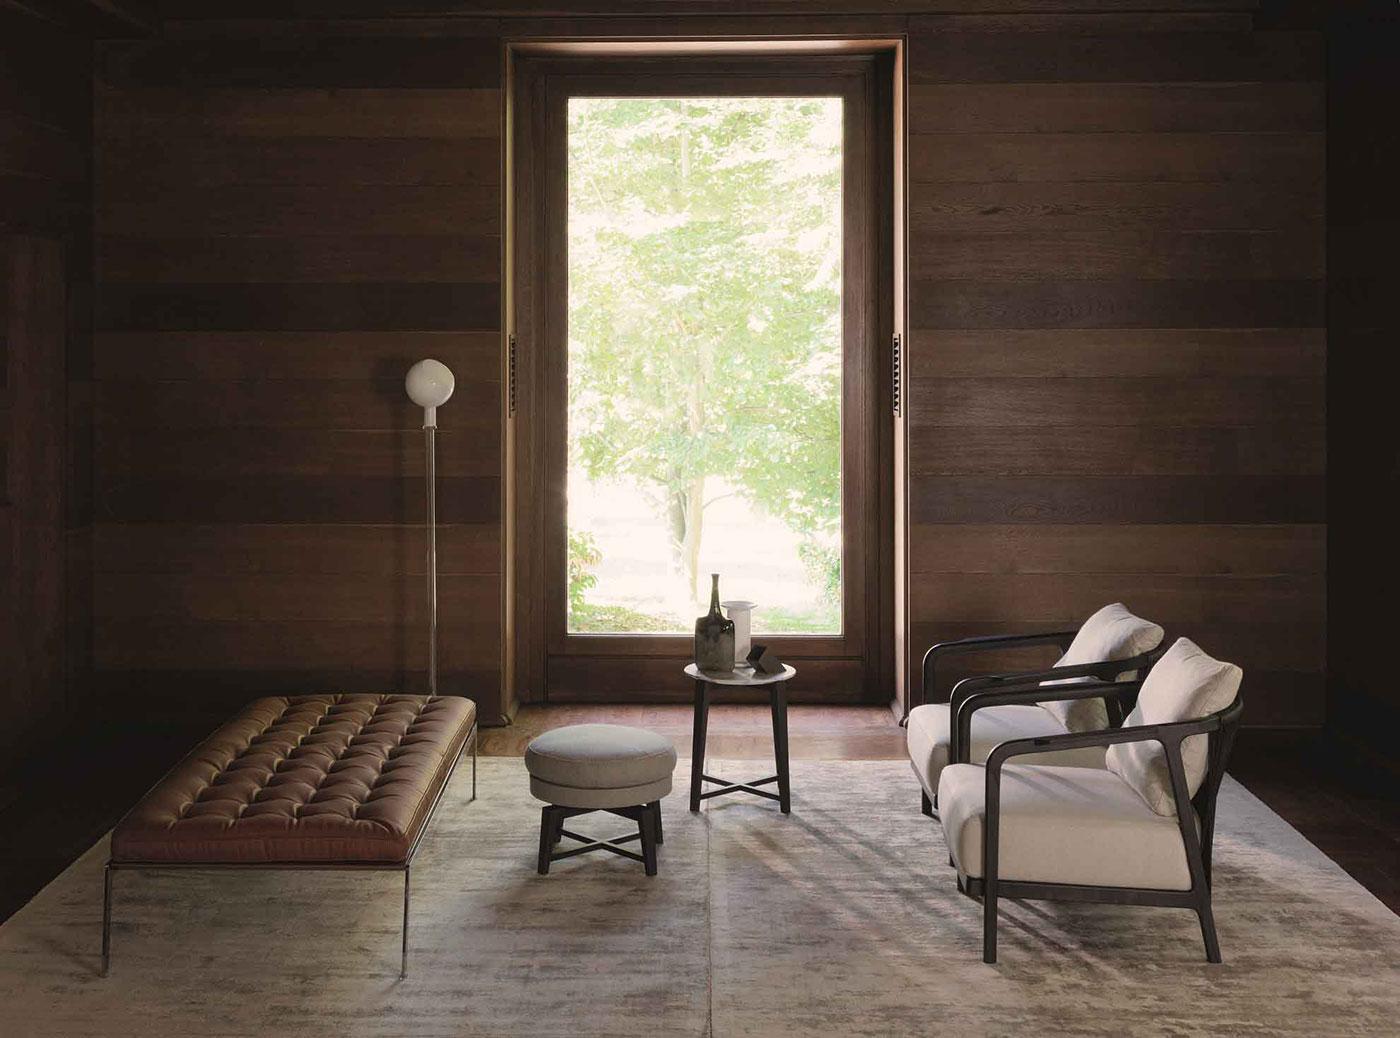 Obegi Home Furniture Flexform Lavoro 1040 Low